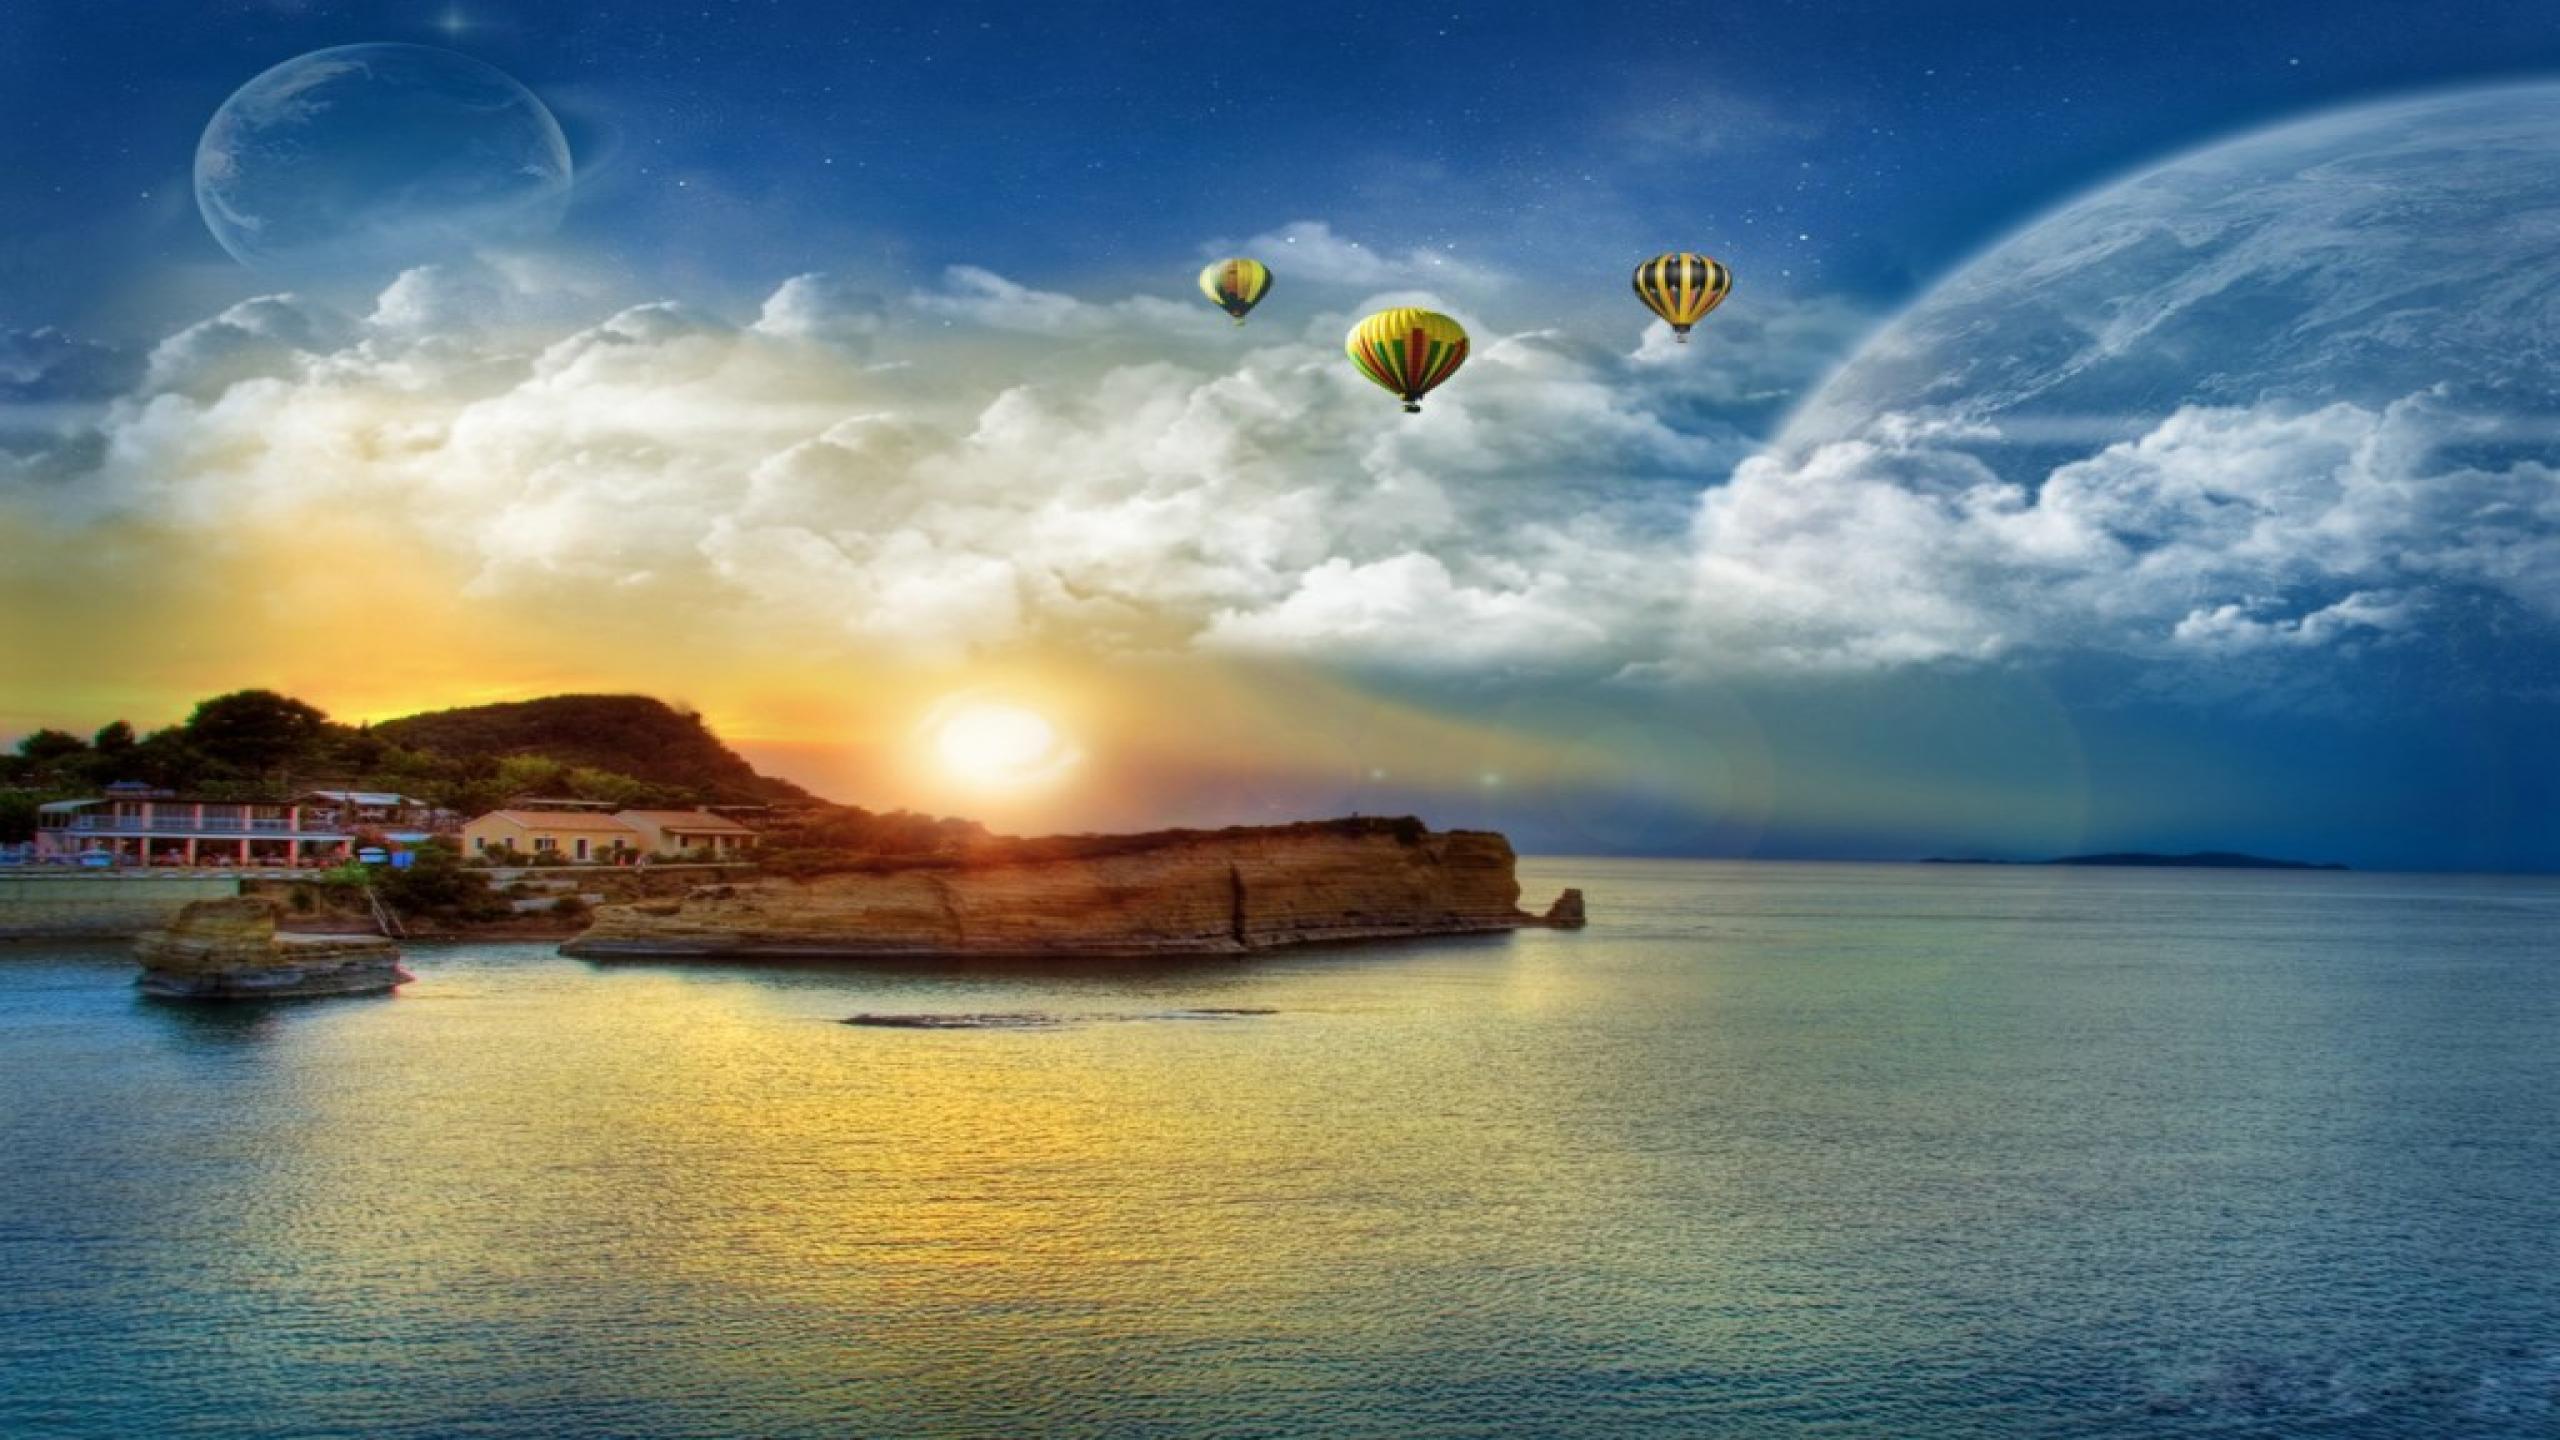 2560x1440 HD Wallpaper - WallpaperSafari